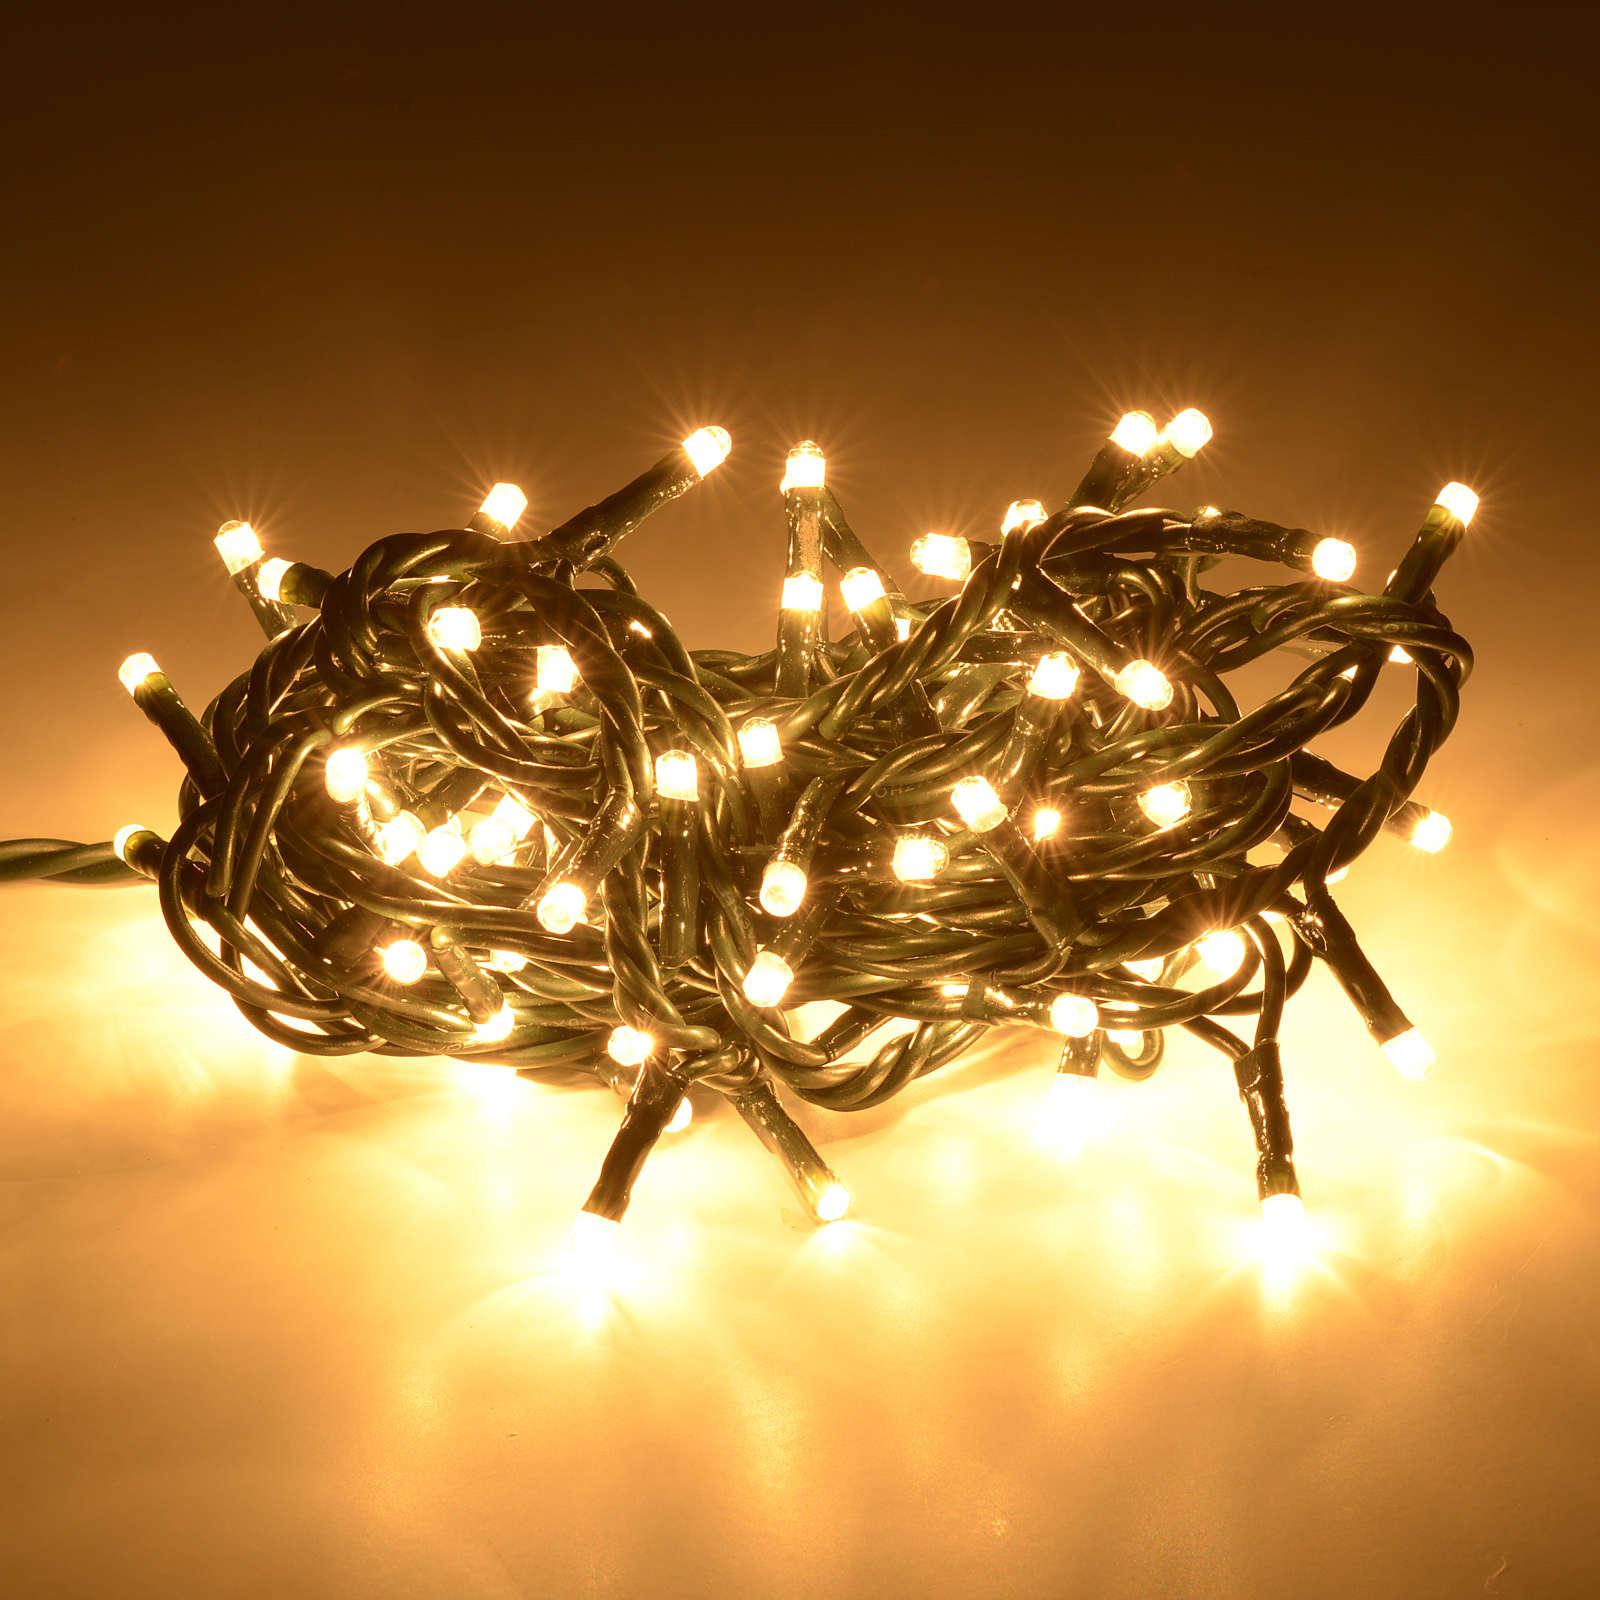 Eclairage Noel 100 mini ampoules blanches intérieur 3